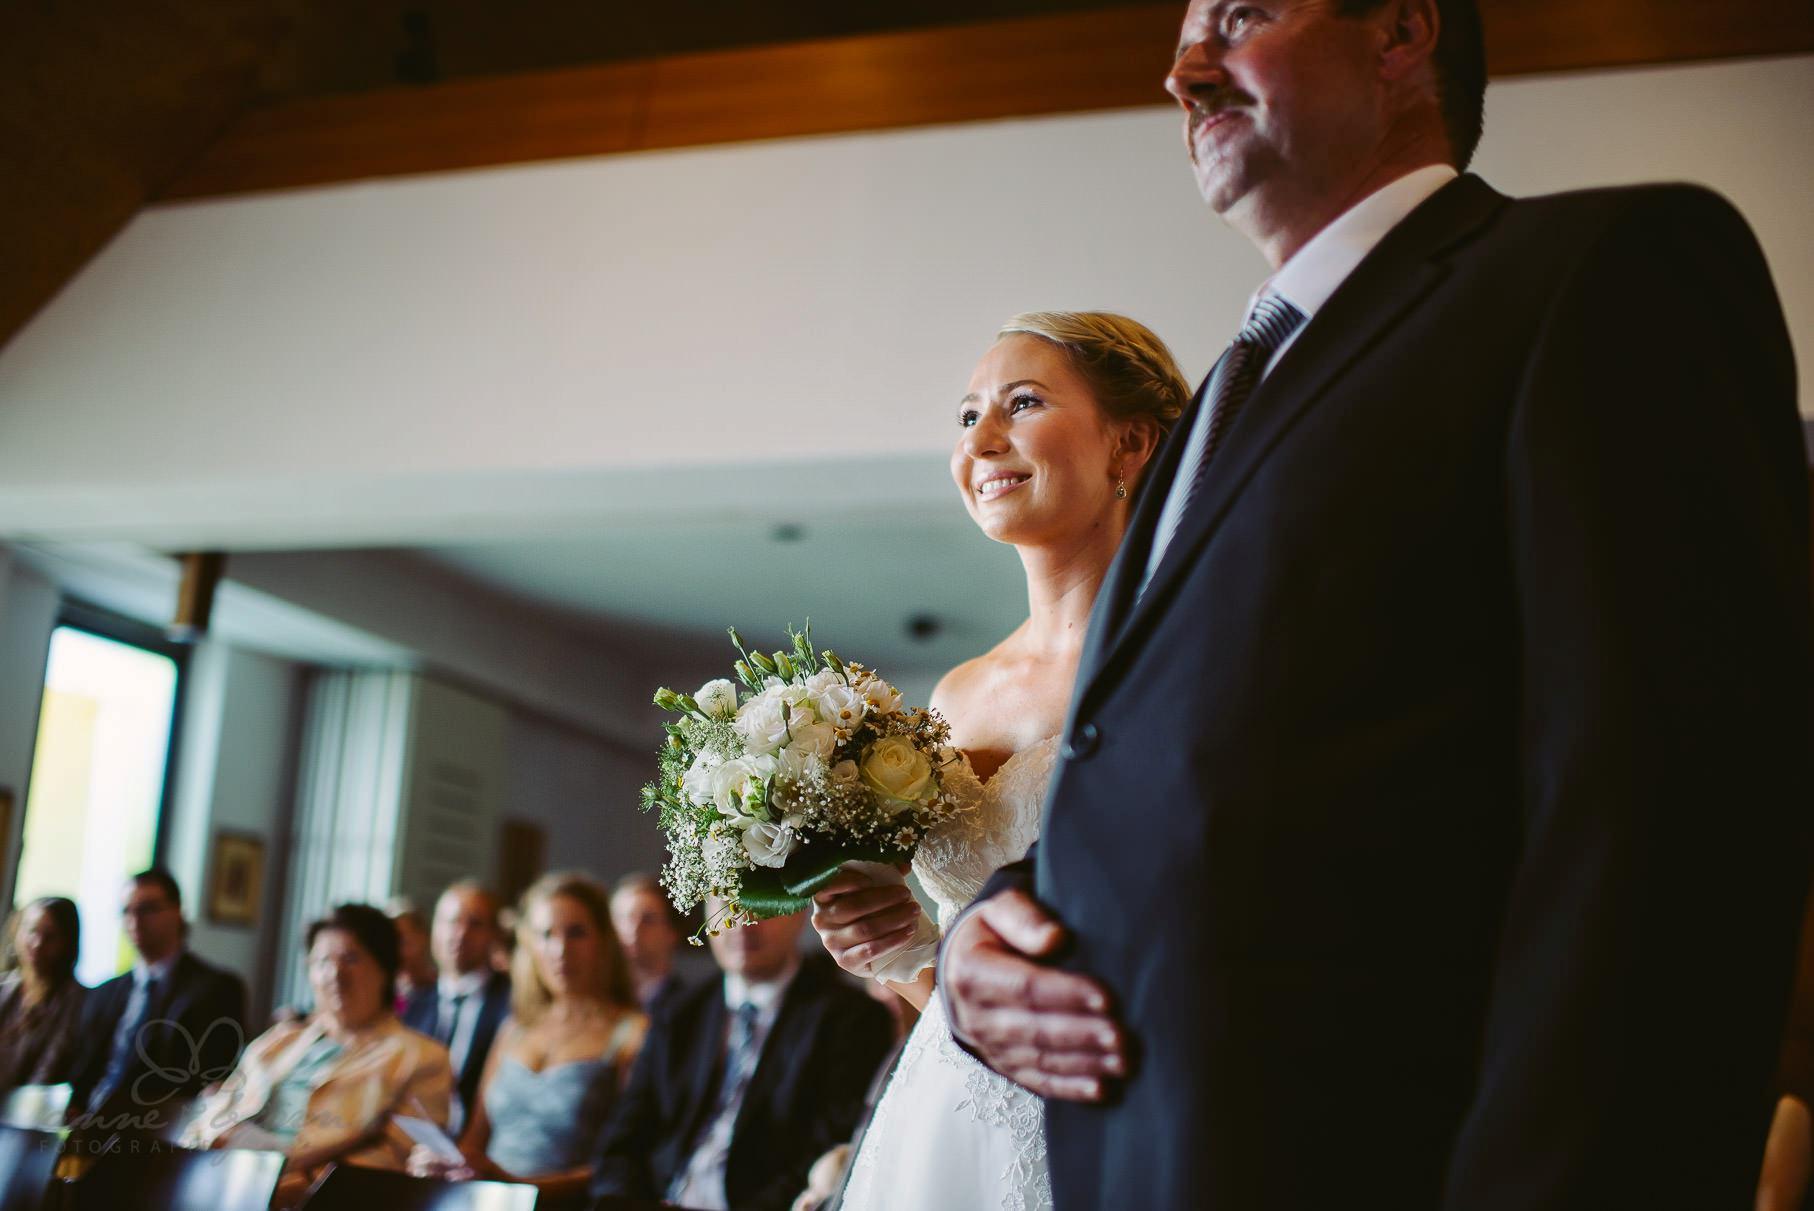 0019 euo 812 0236 - Hochzeit im Schloss Reinbek - Elvira & Olaf